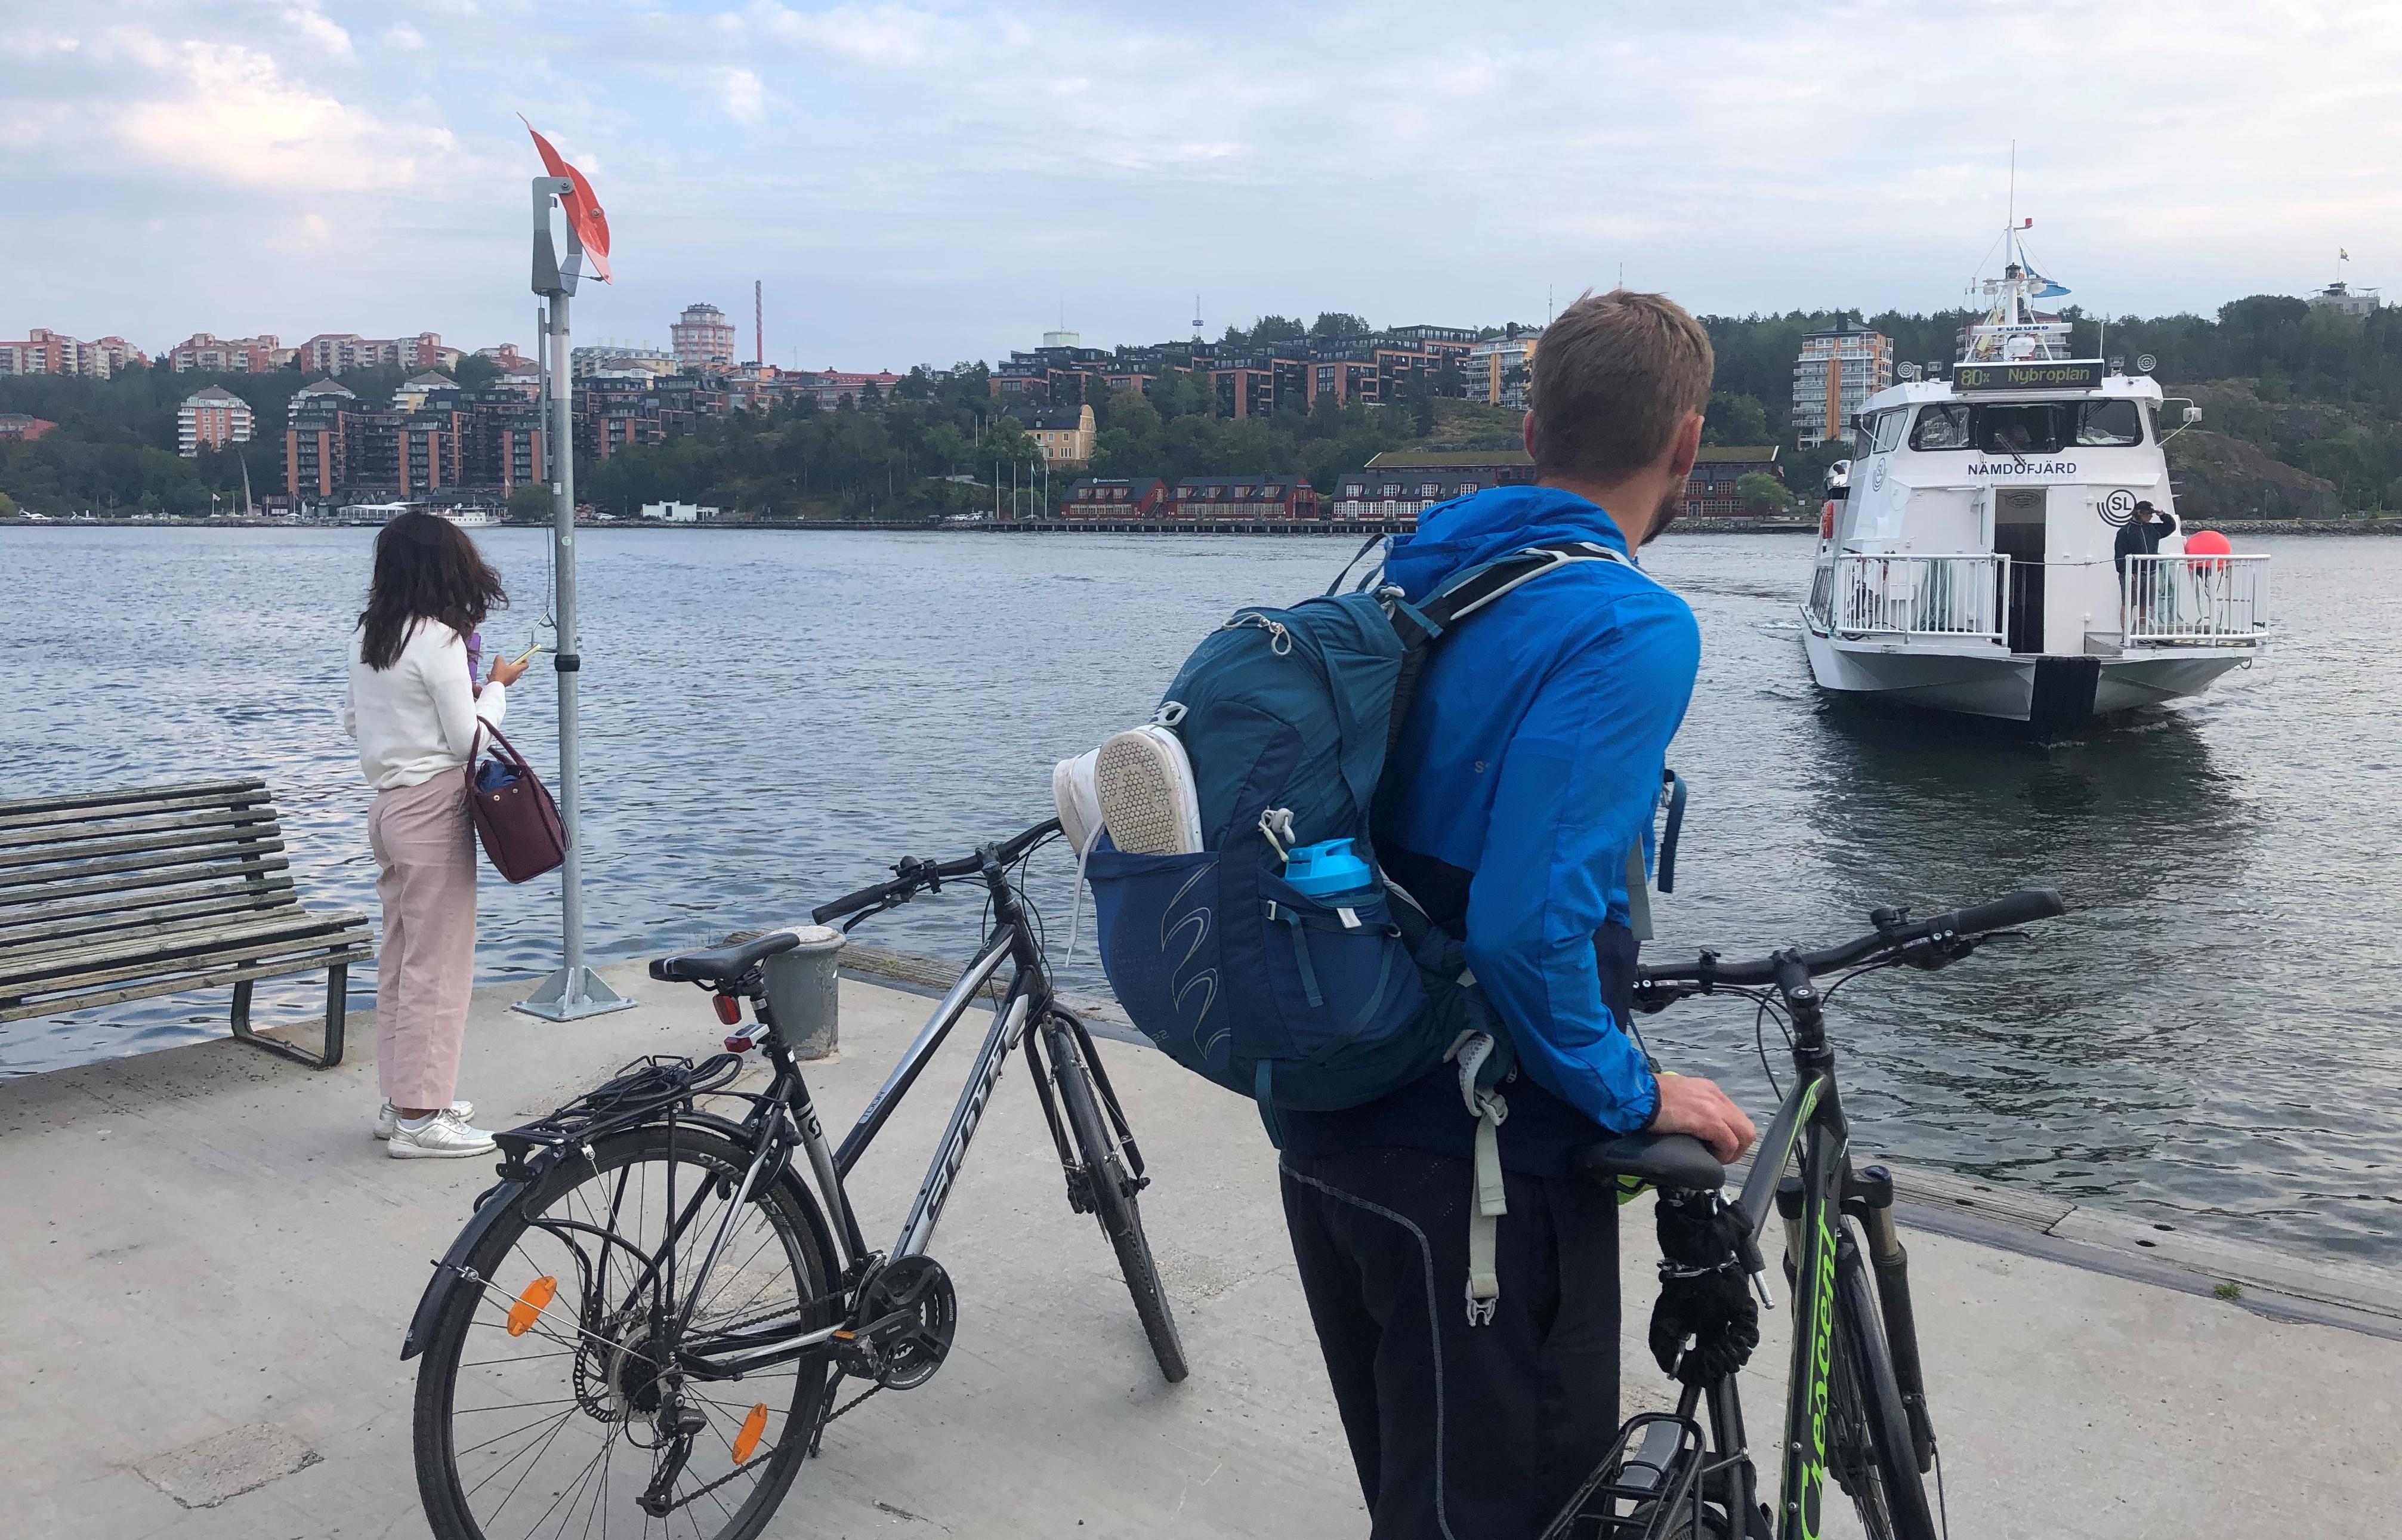 Ympäristöpalkintoja keränneet sähkölautat ovat arkipäivää Tukholman sisäisessä liikenteessä. Kuva: Suomen Tukholman-suurlähetystö.